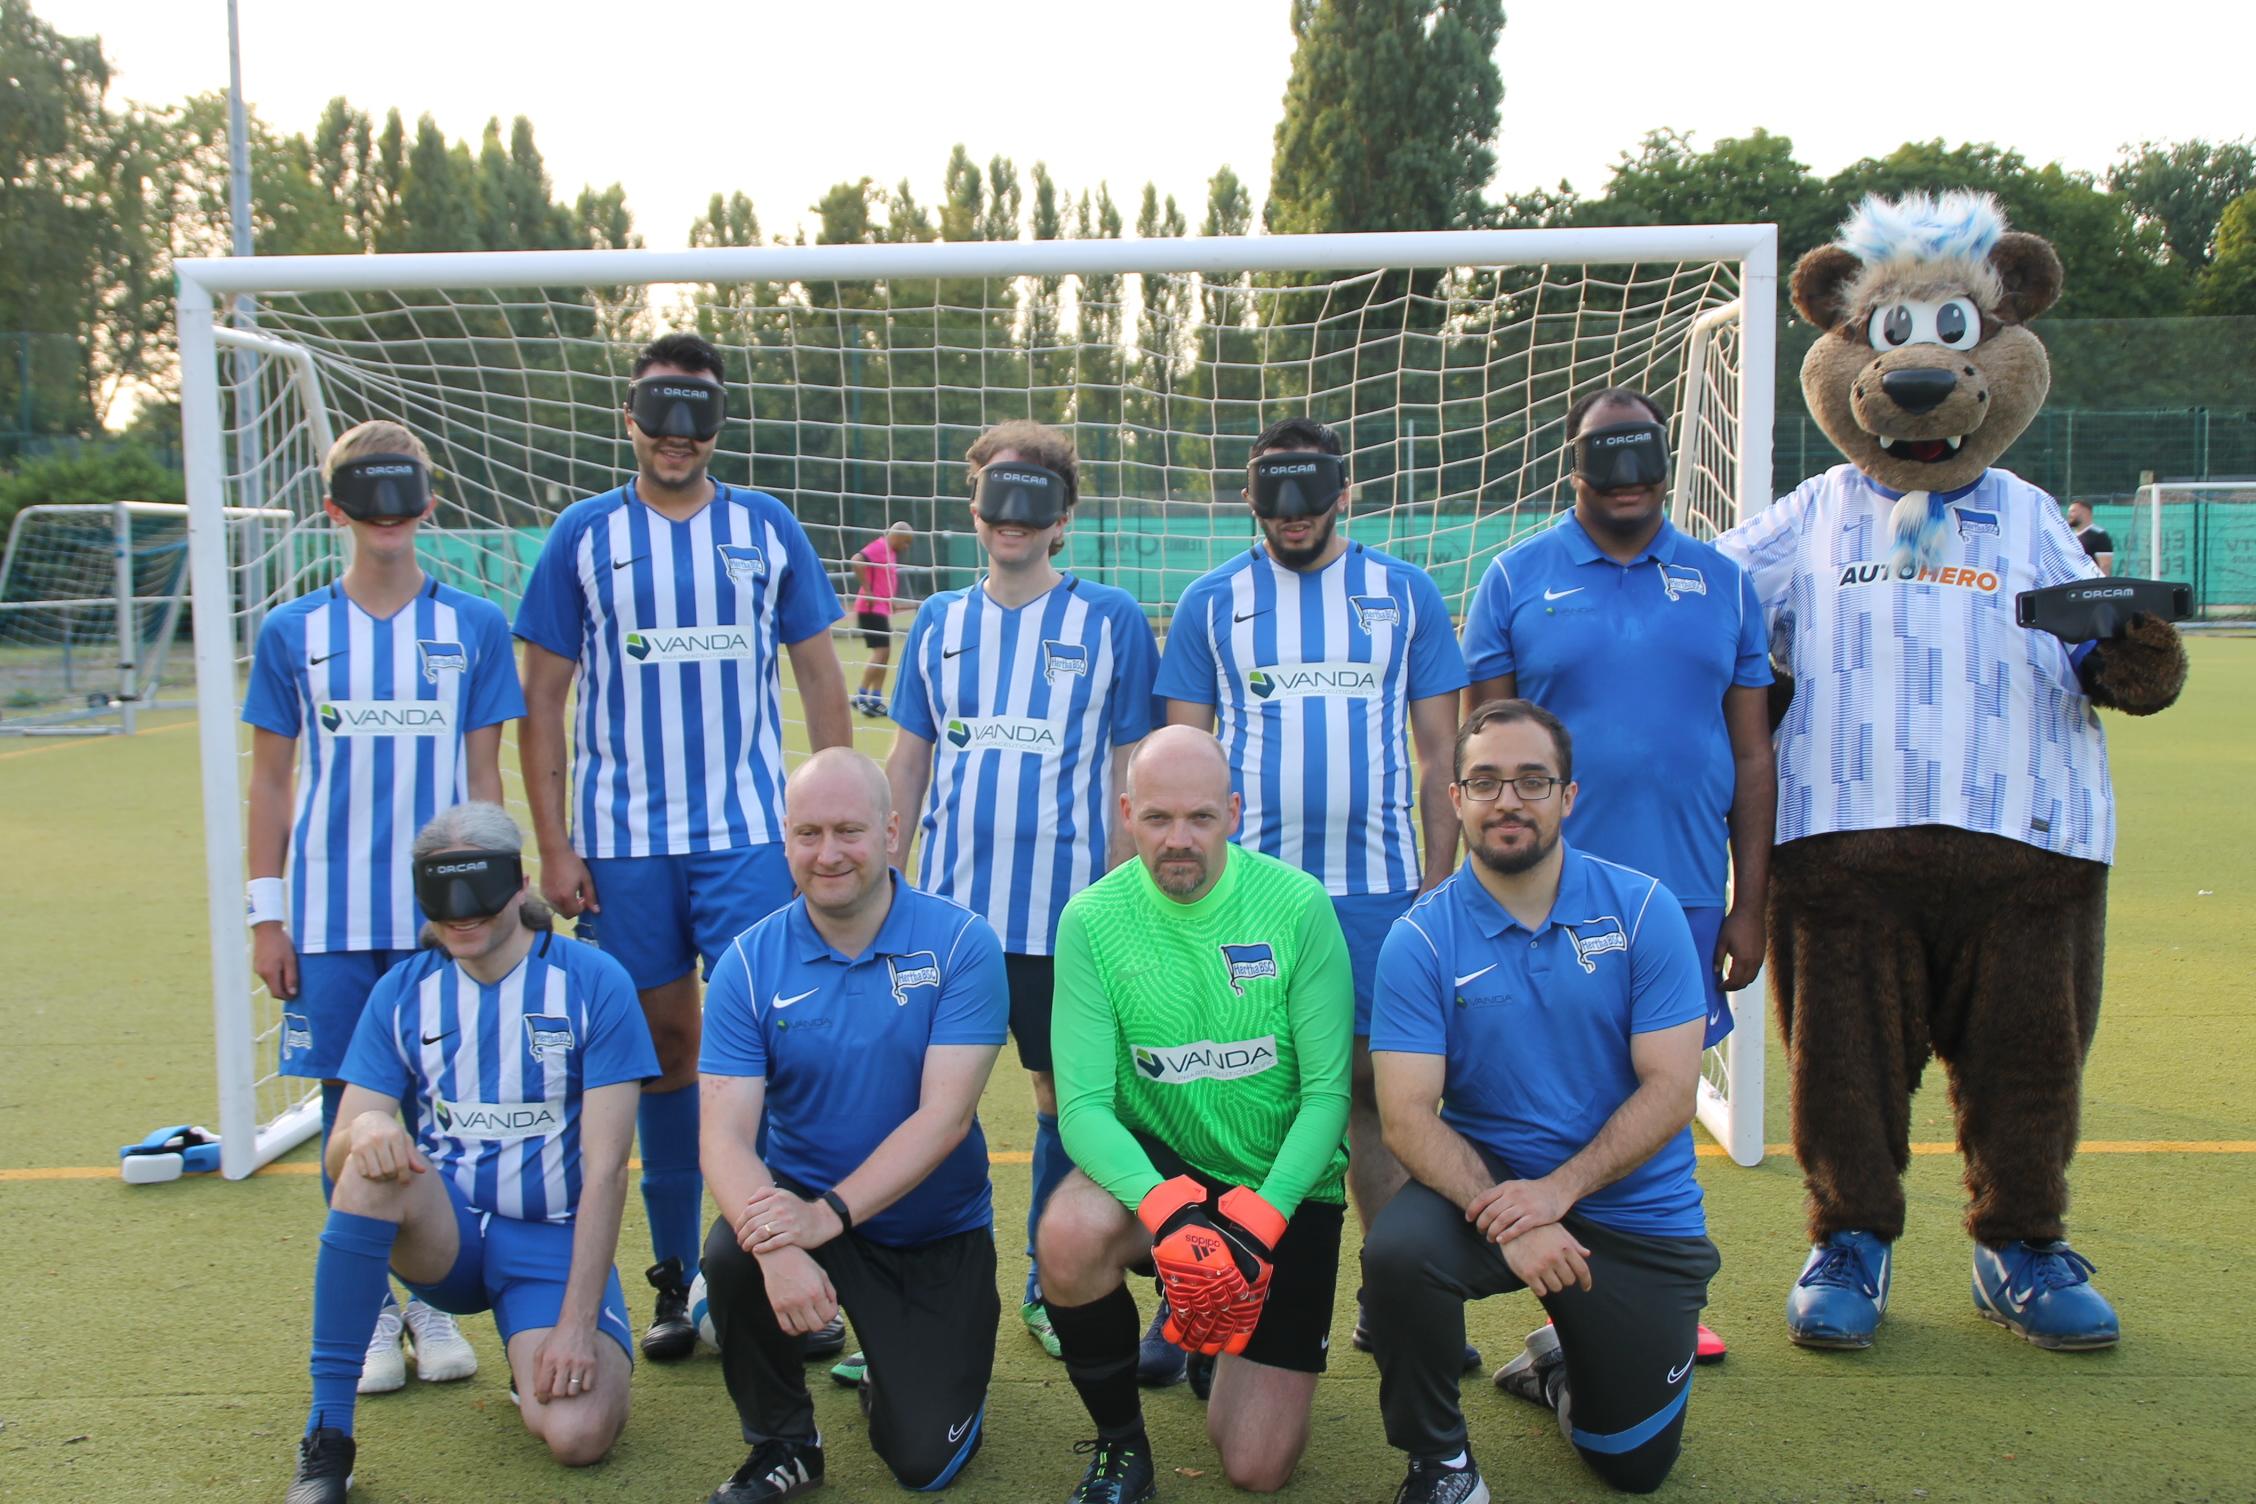 Das Mannschaftsfoto 2021/22 unserer Blindenfußball-Mannschaft.